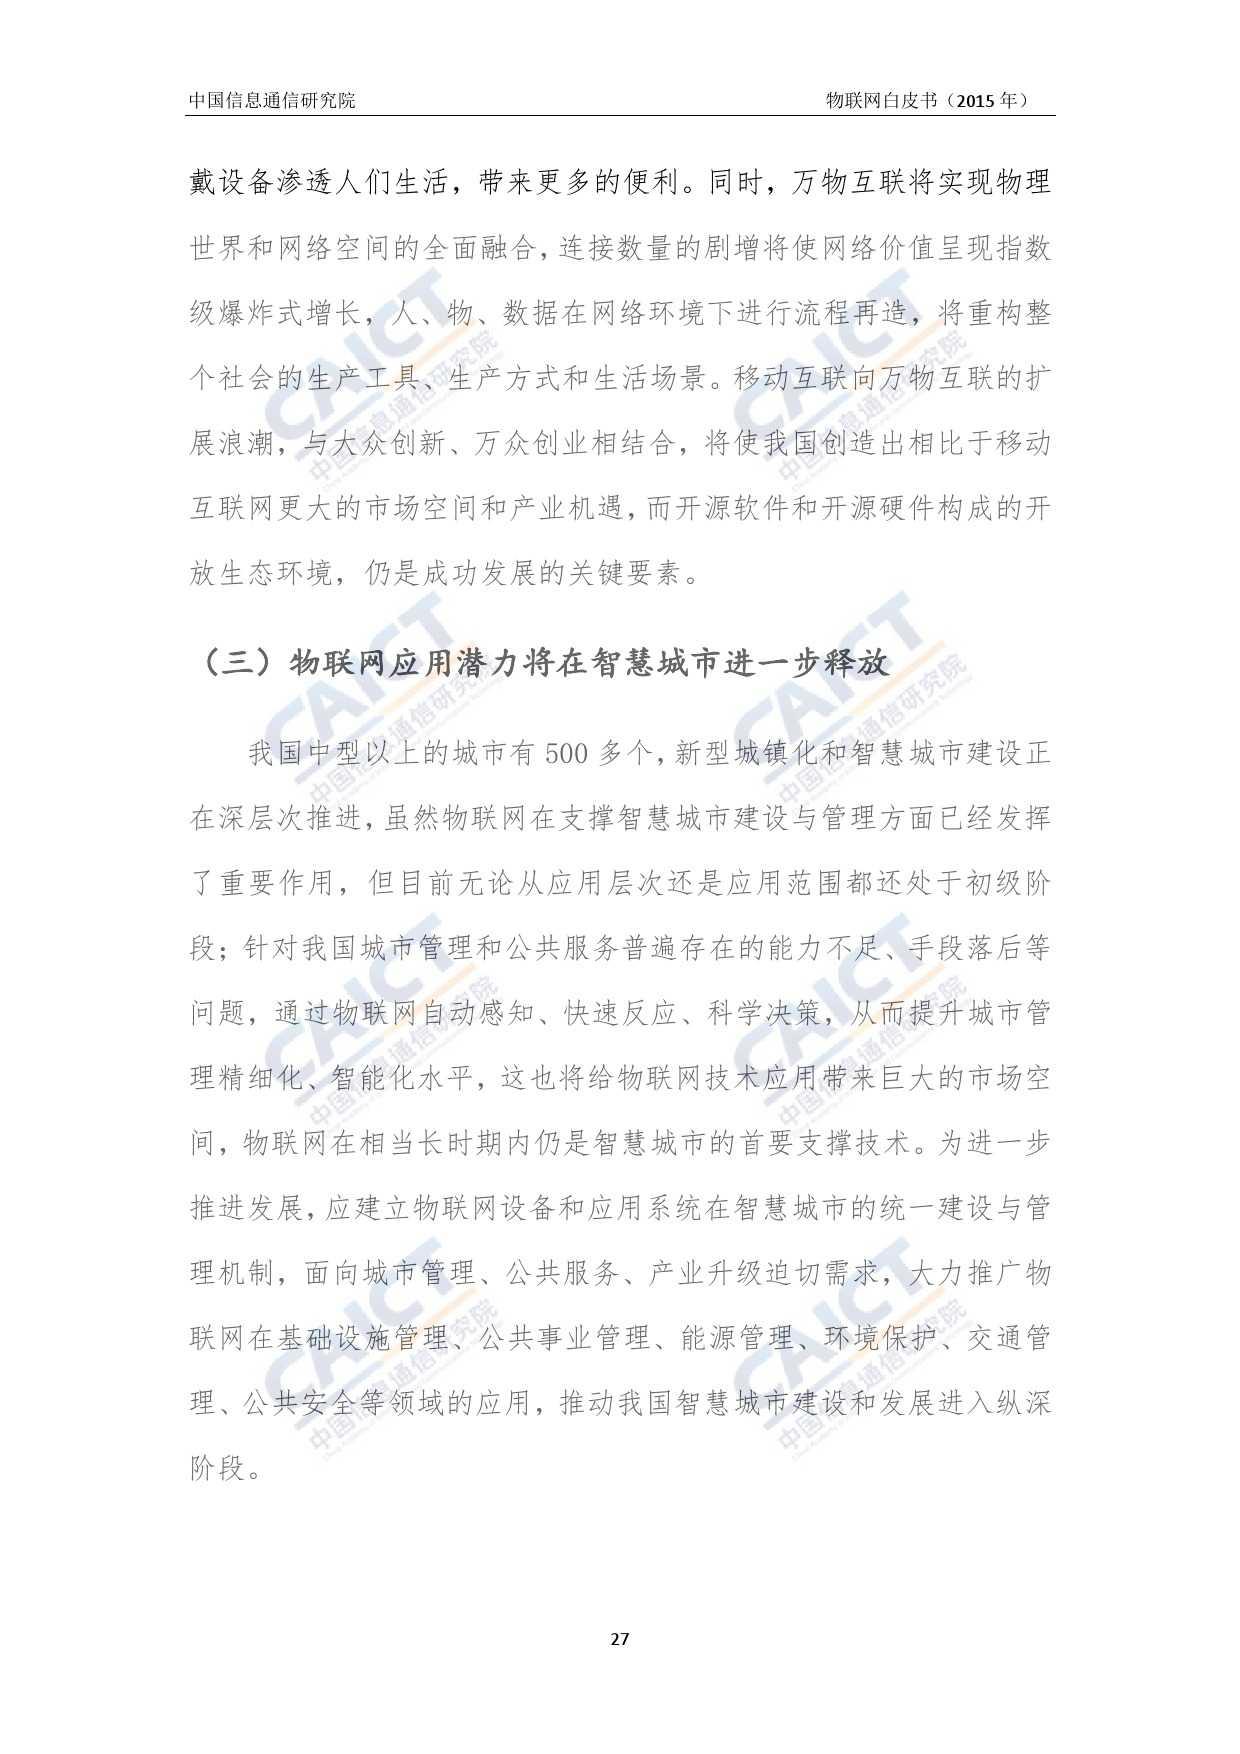 中国信息通信研究院:2015年物联网白皮书_000031